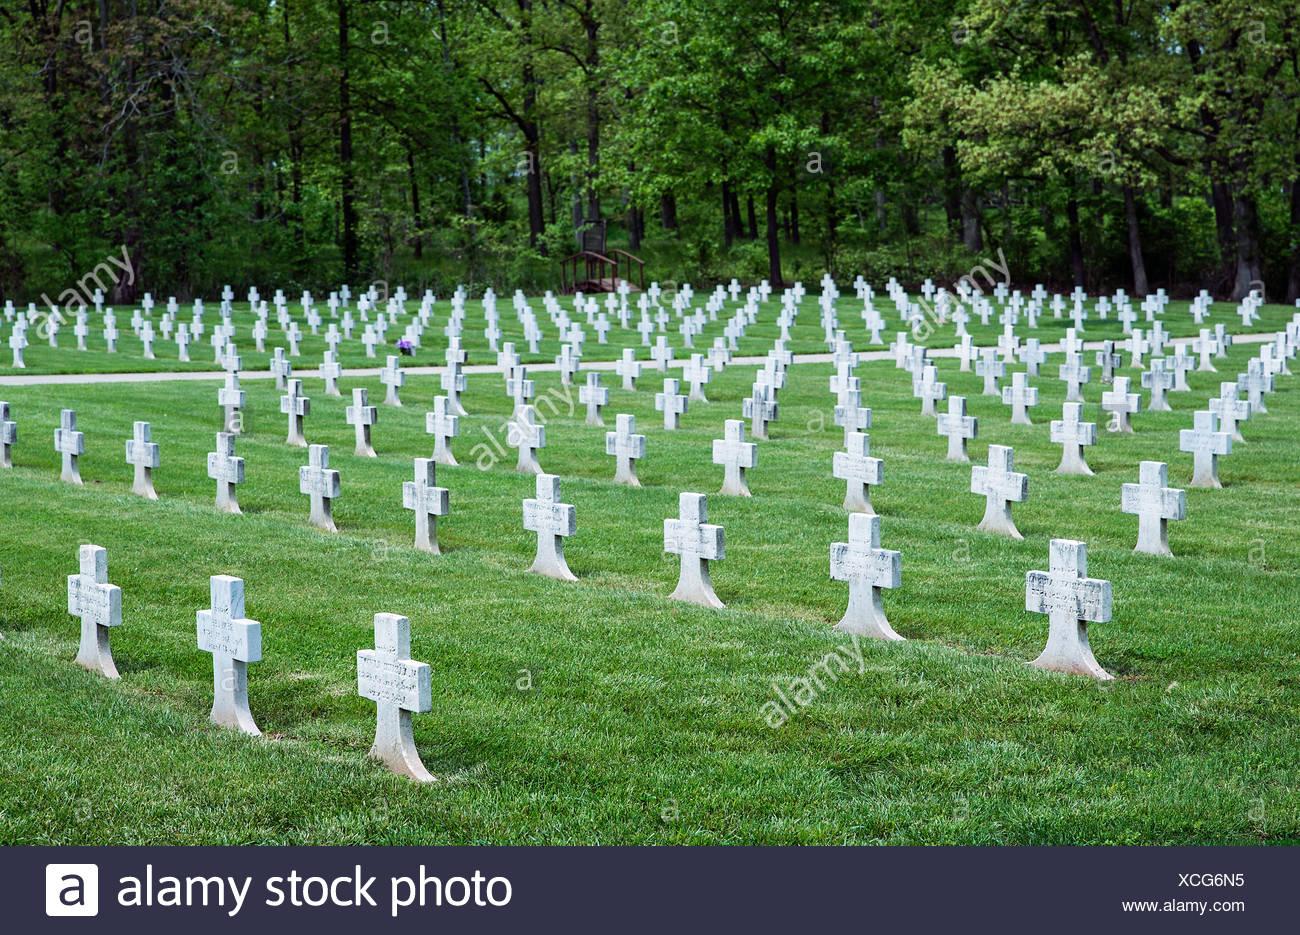 Friedhof für die Ordensgemeinschaft der Vinzentinerinnen von Nonnen, Elizabeth Seton Nationalheiligtum, Emmitsburg, Maryland, USA Stockbild